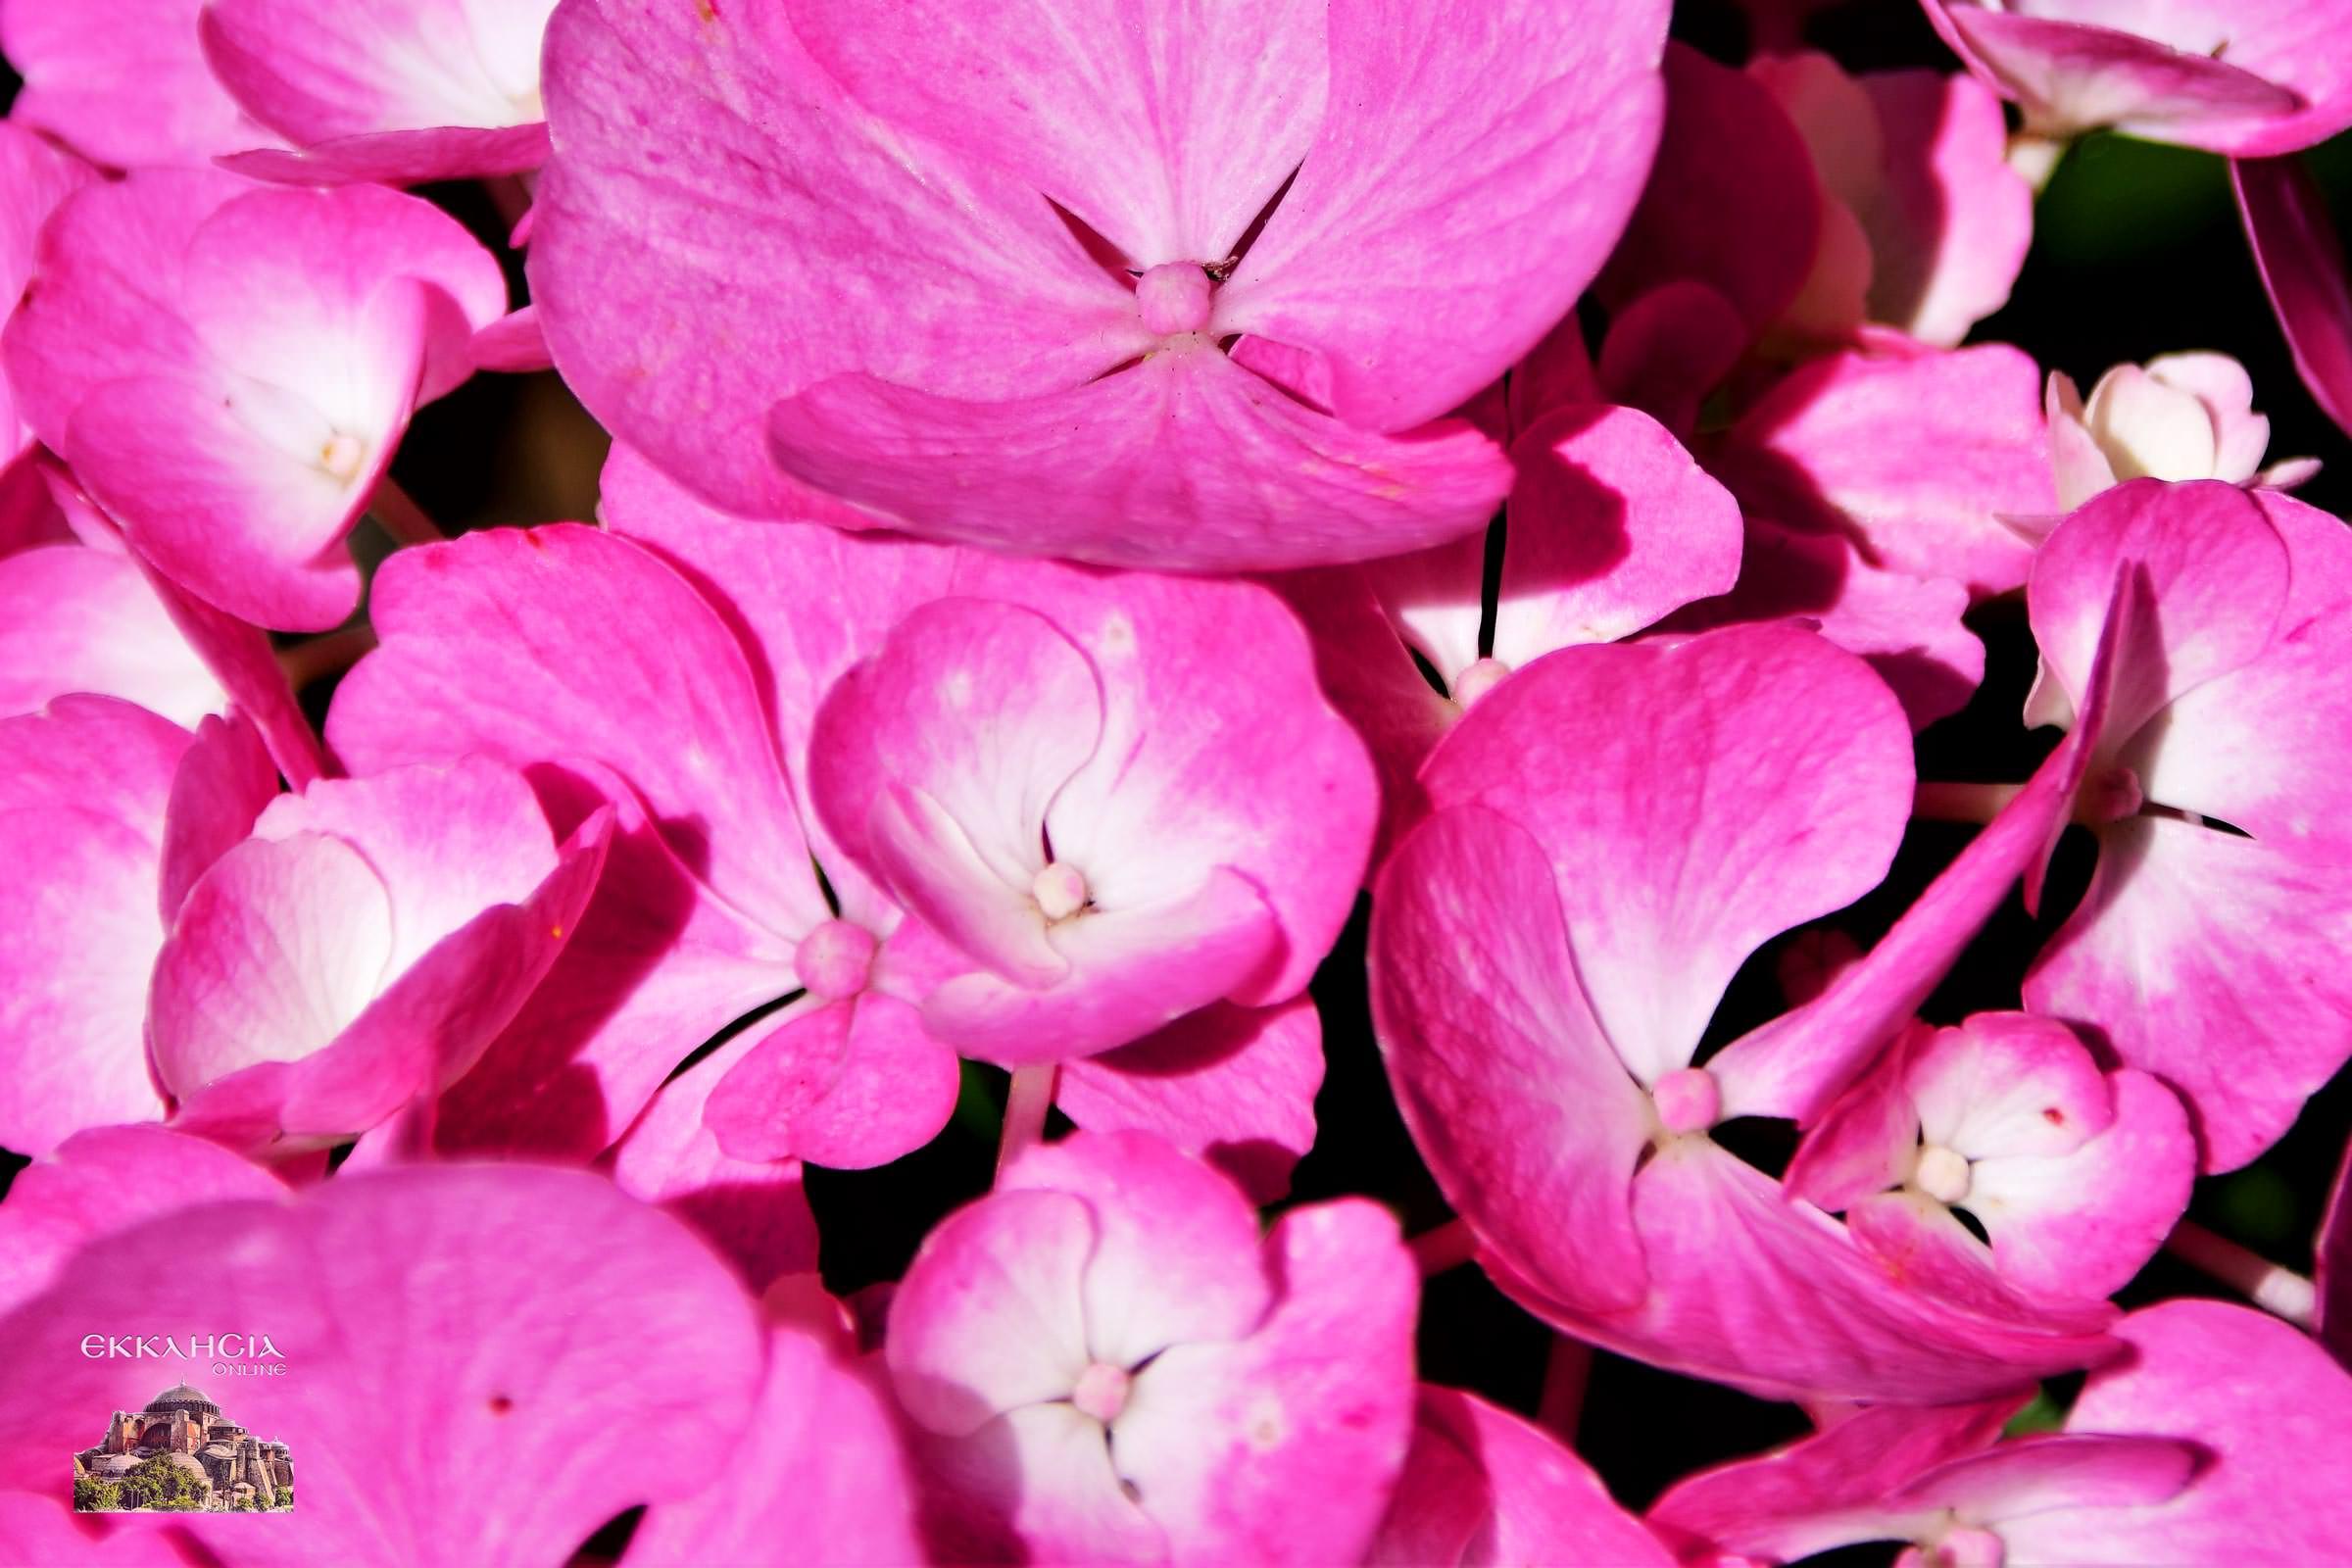 Γιορτή σήμερα λουλούδια ποιοι γιορτάζουν σήμερα εορτολόγιο